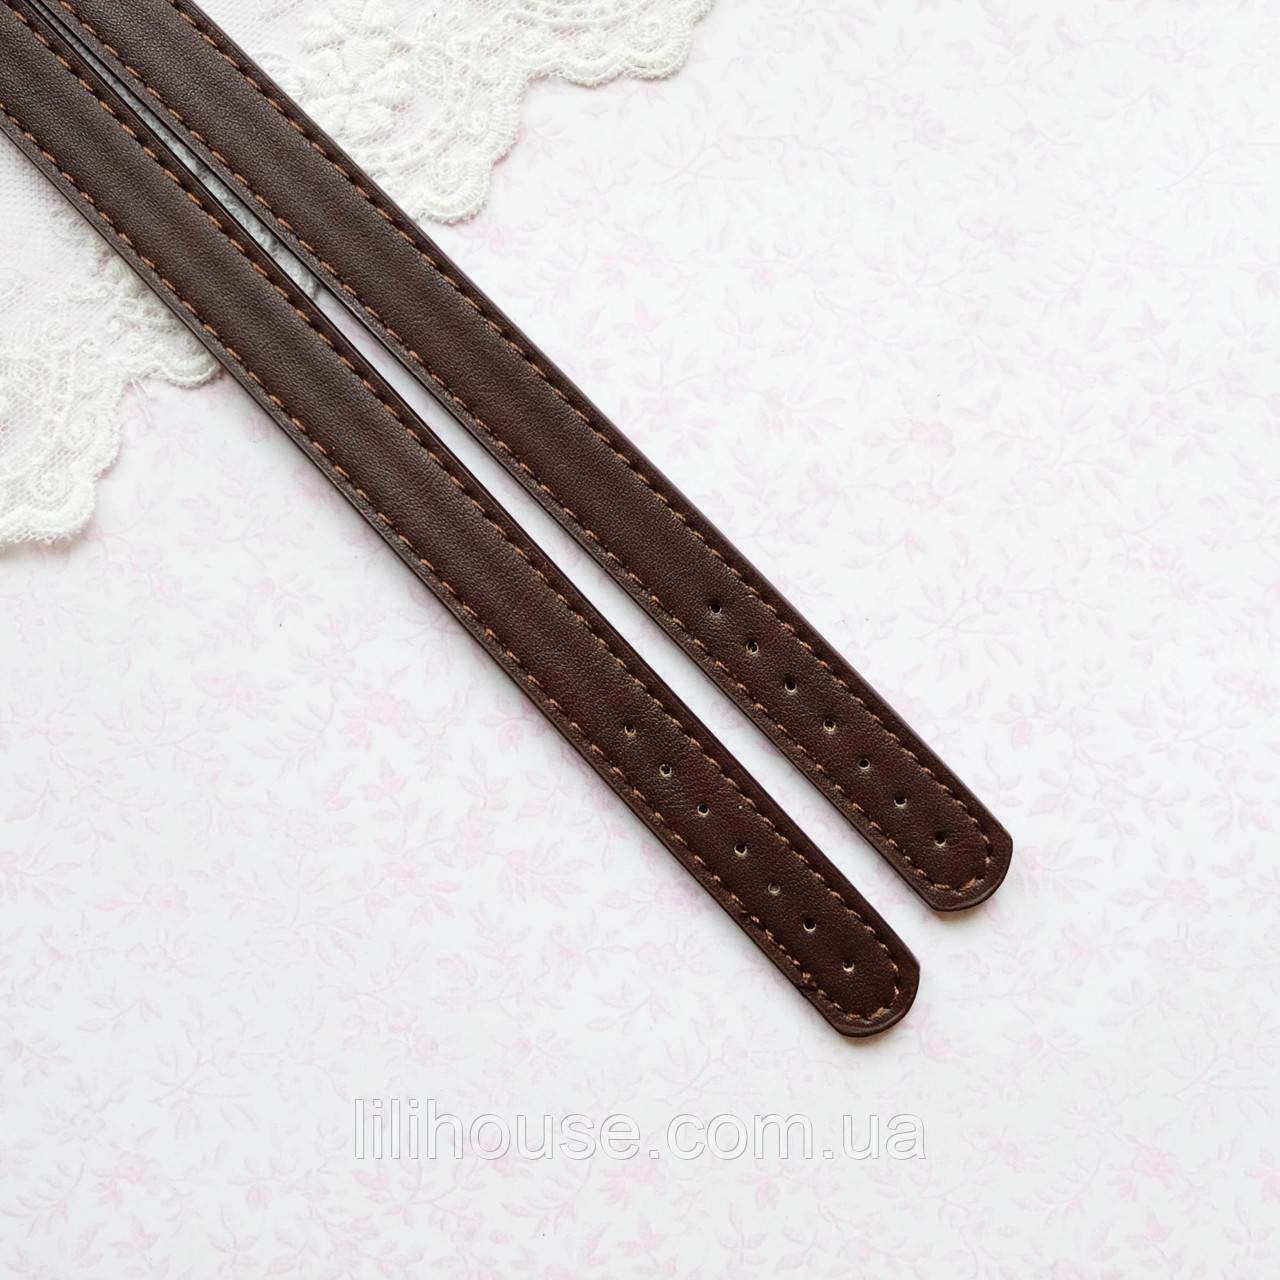 Ручки для Сумки 65 см пара 1.4 см Темно-Коричневые